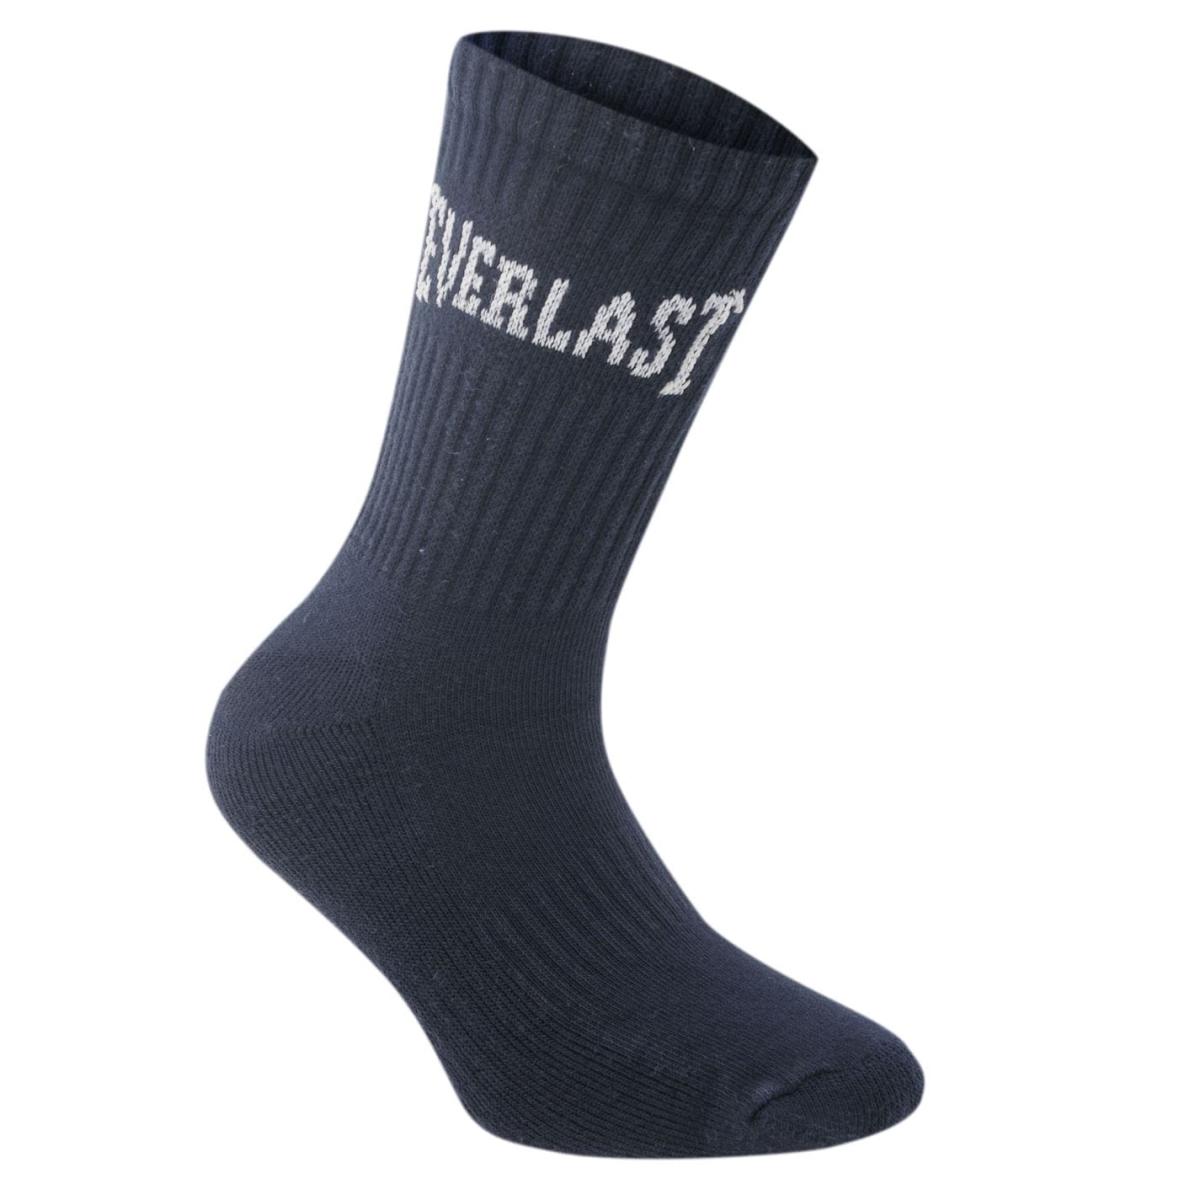 Socks Chaussettes De Sport 3225 Everlast 3 paires de chaussettes hommes kurzsocken Chaussettes Hommes 47